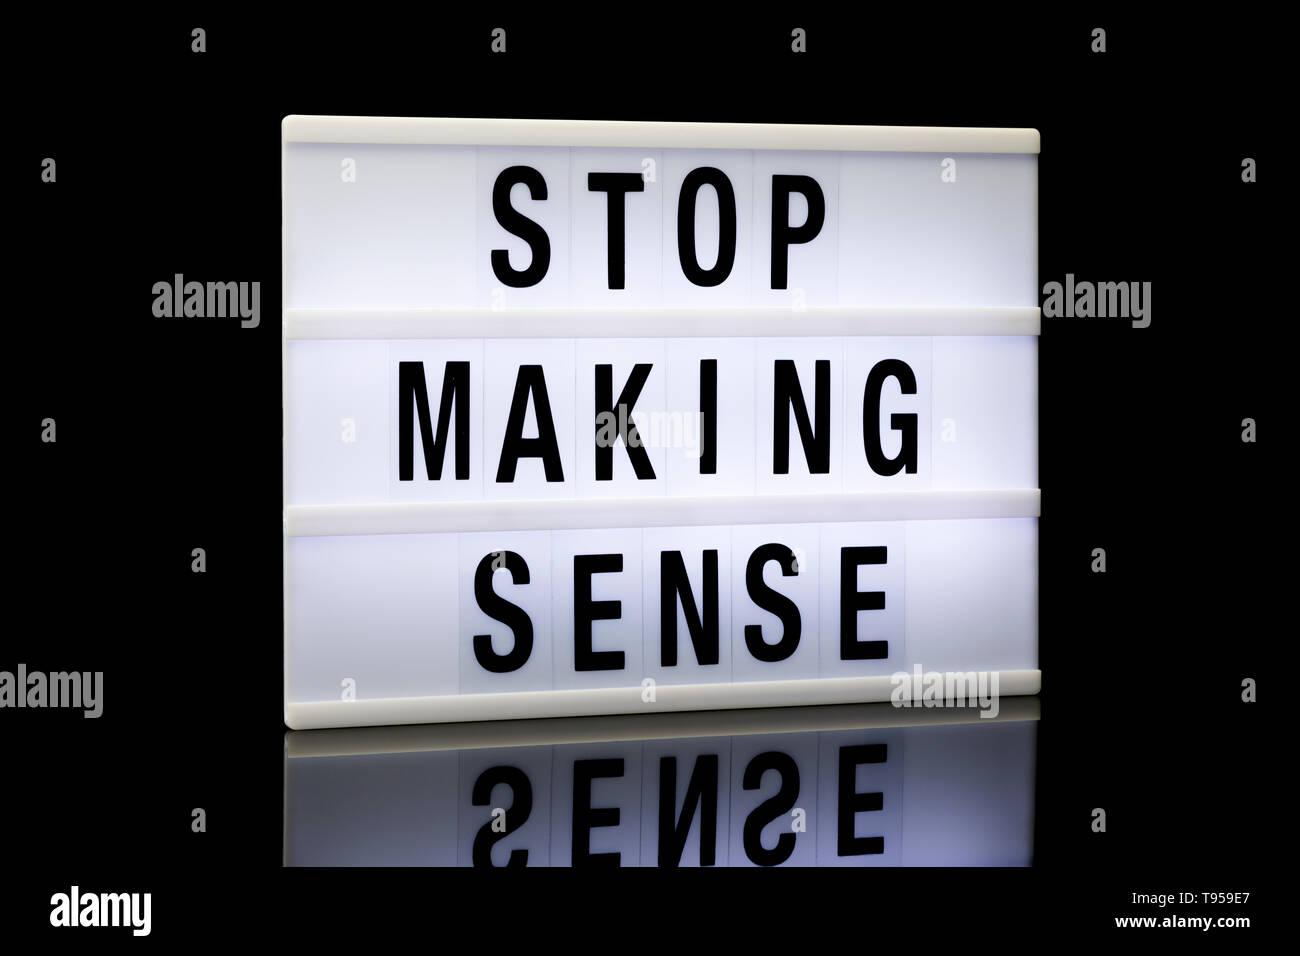 Smettere di fare senso, una frase scritta su lightbox riflessa su sfondo nero Immagini Stock